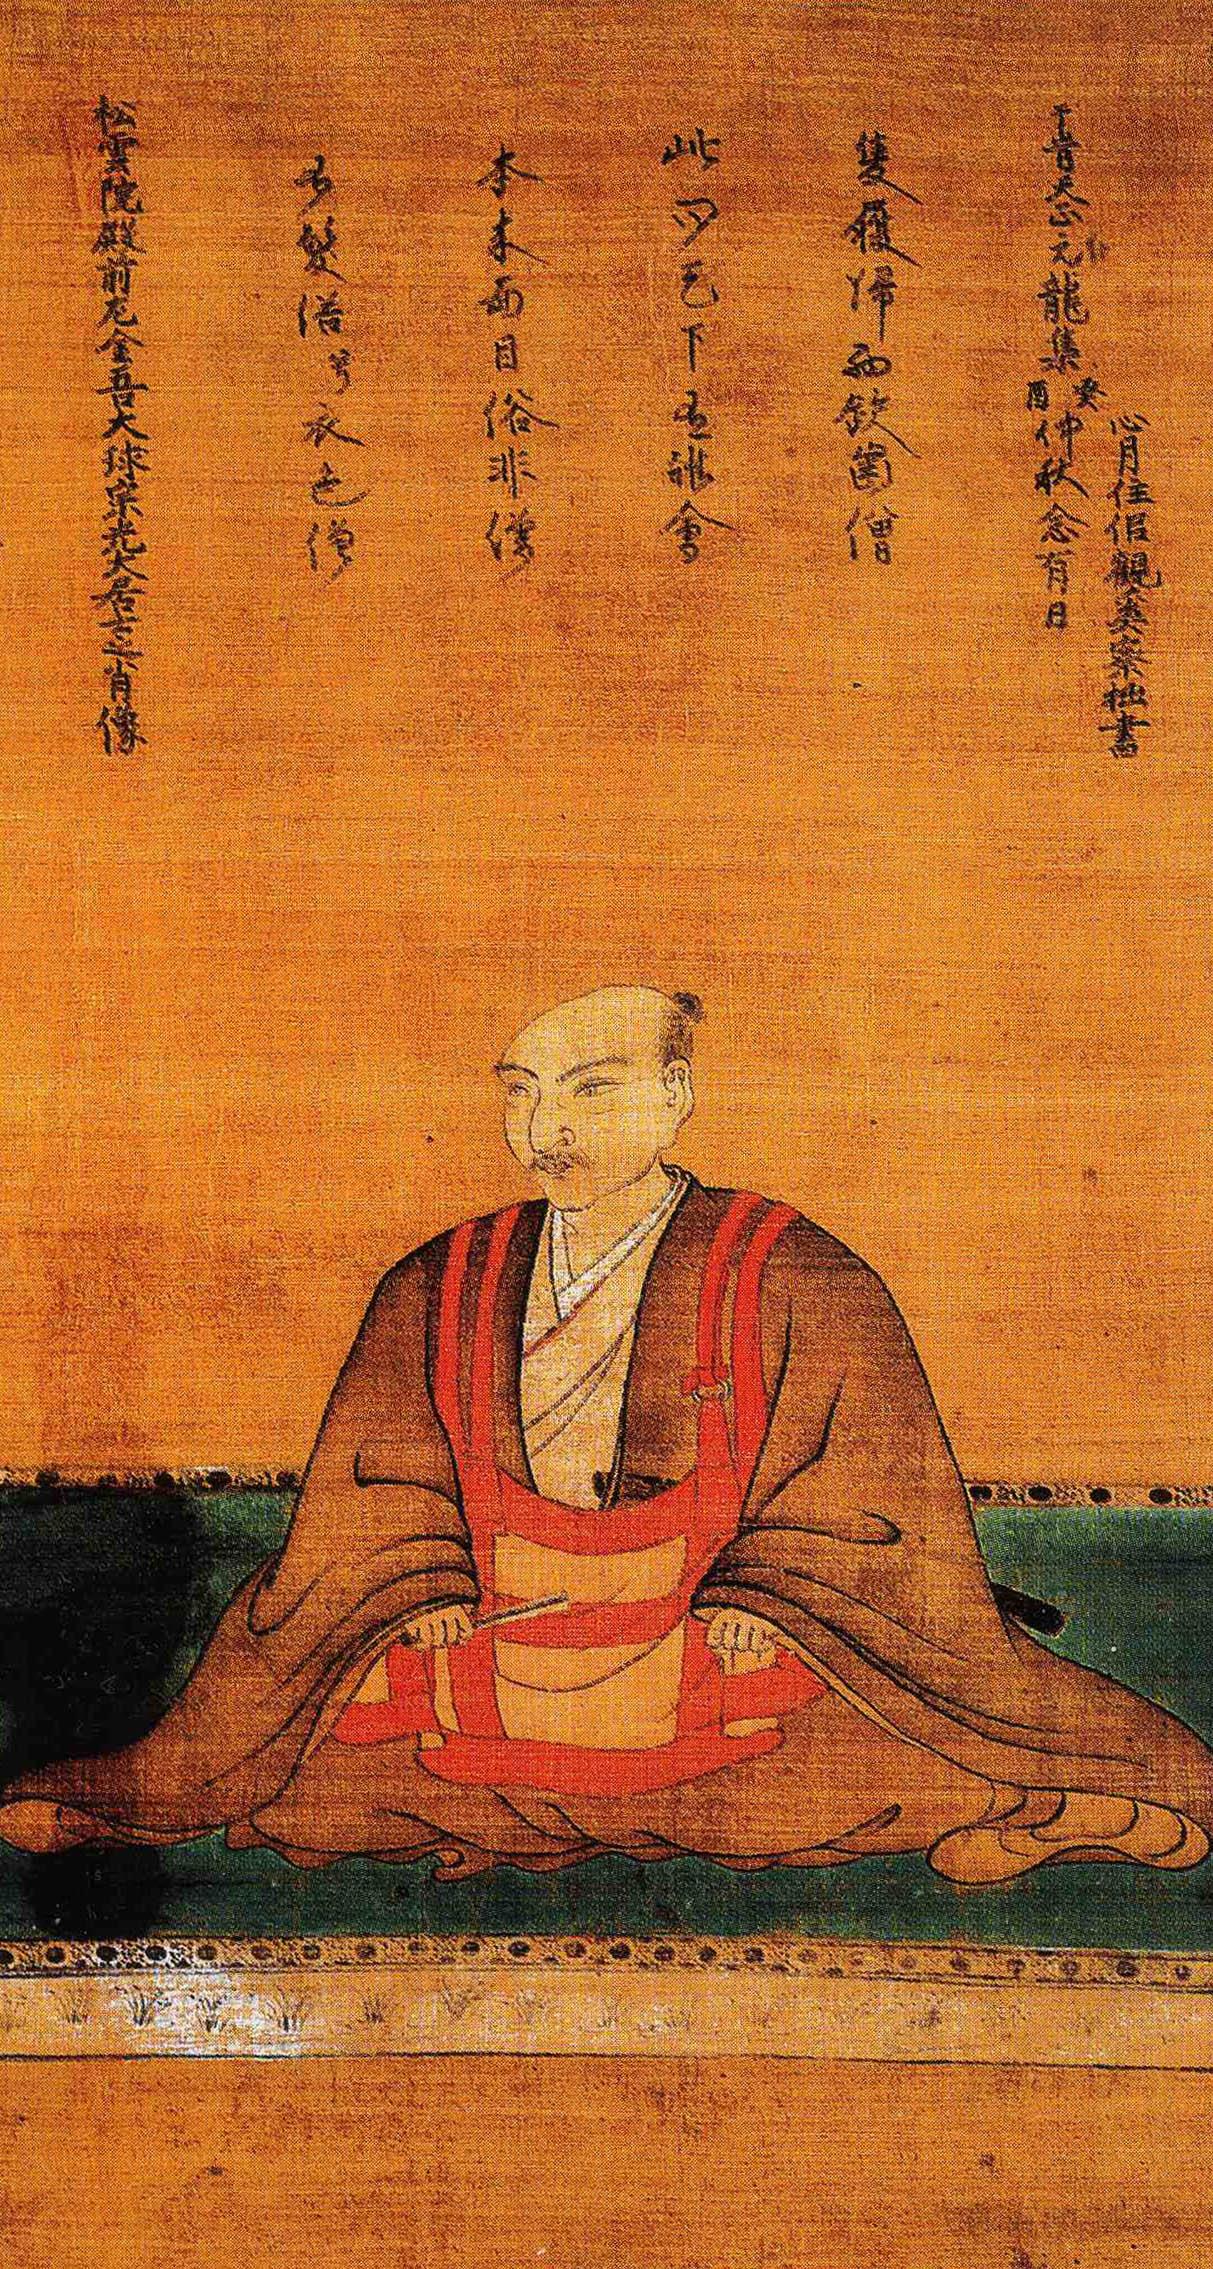 朝倉 義景 朝倉義景 - Wikipedia